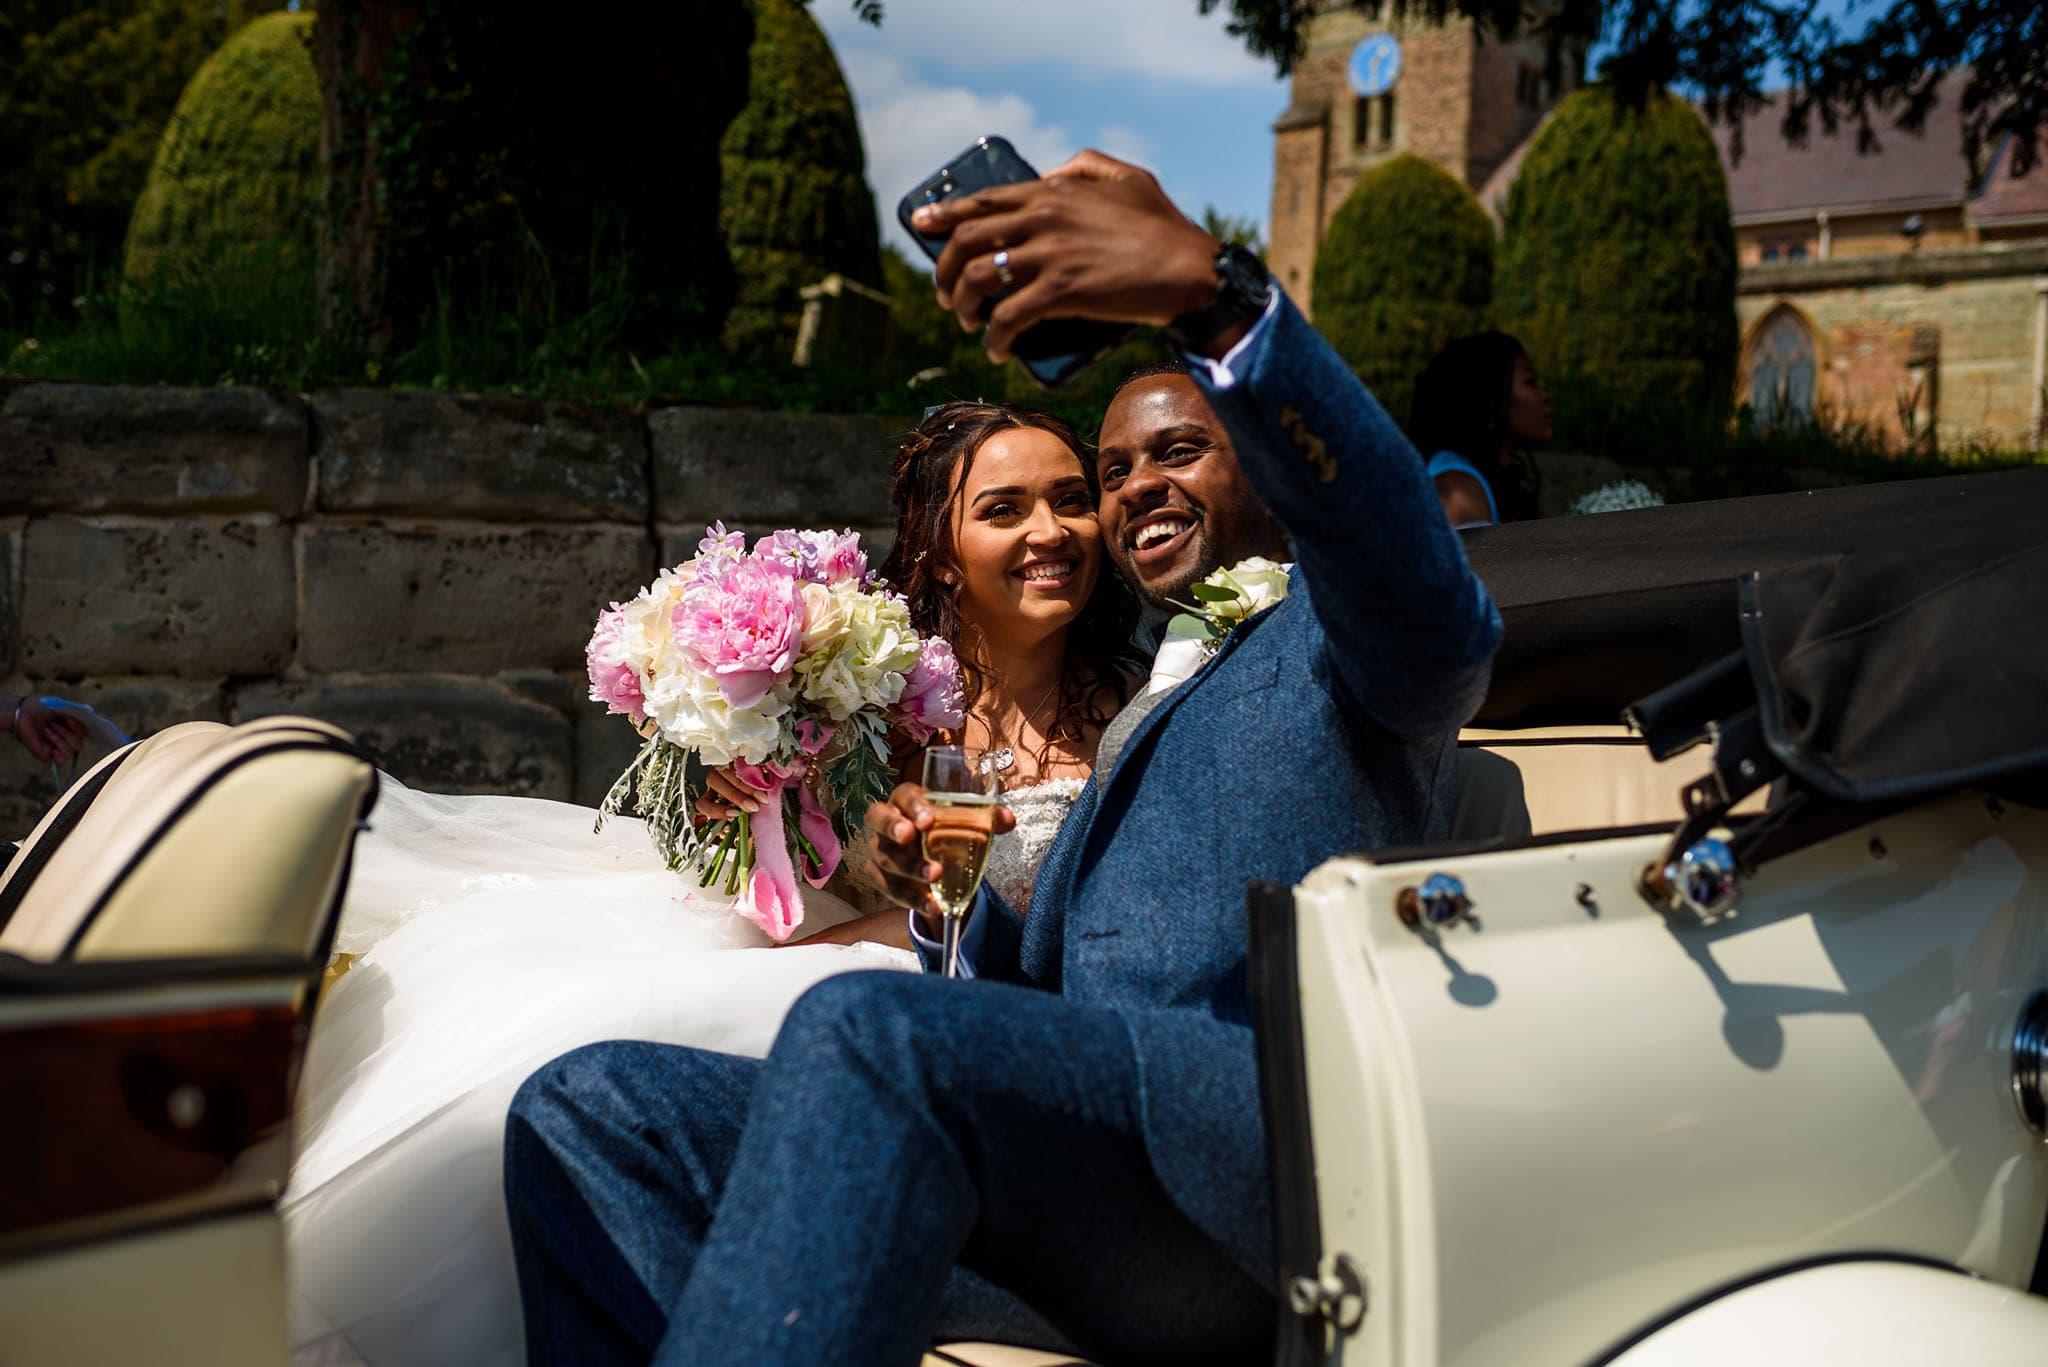 bride and groom selfie in their vintage wedding car